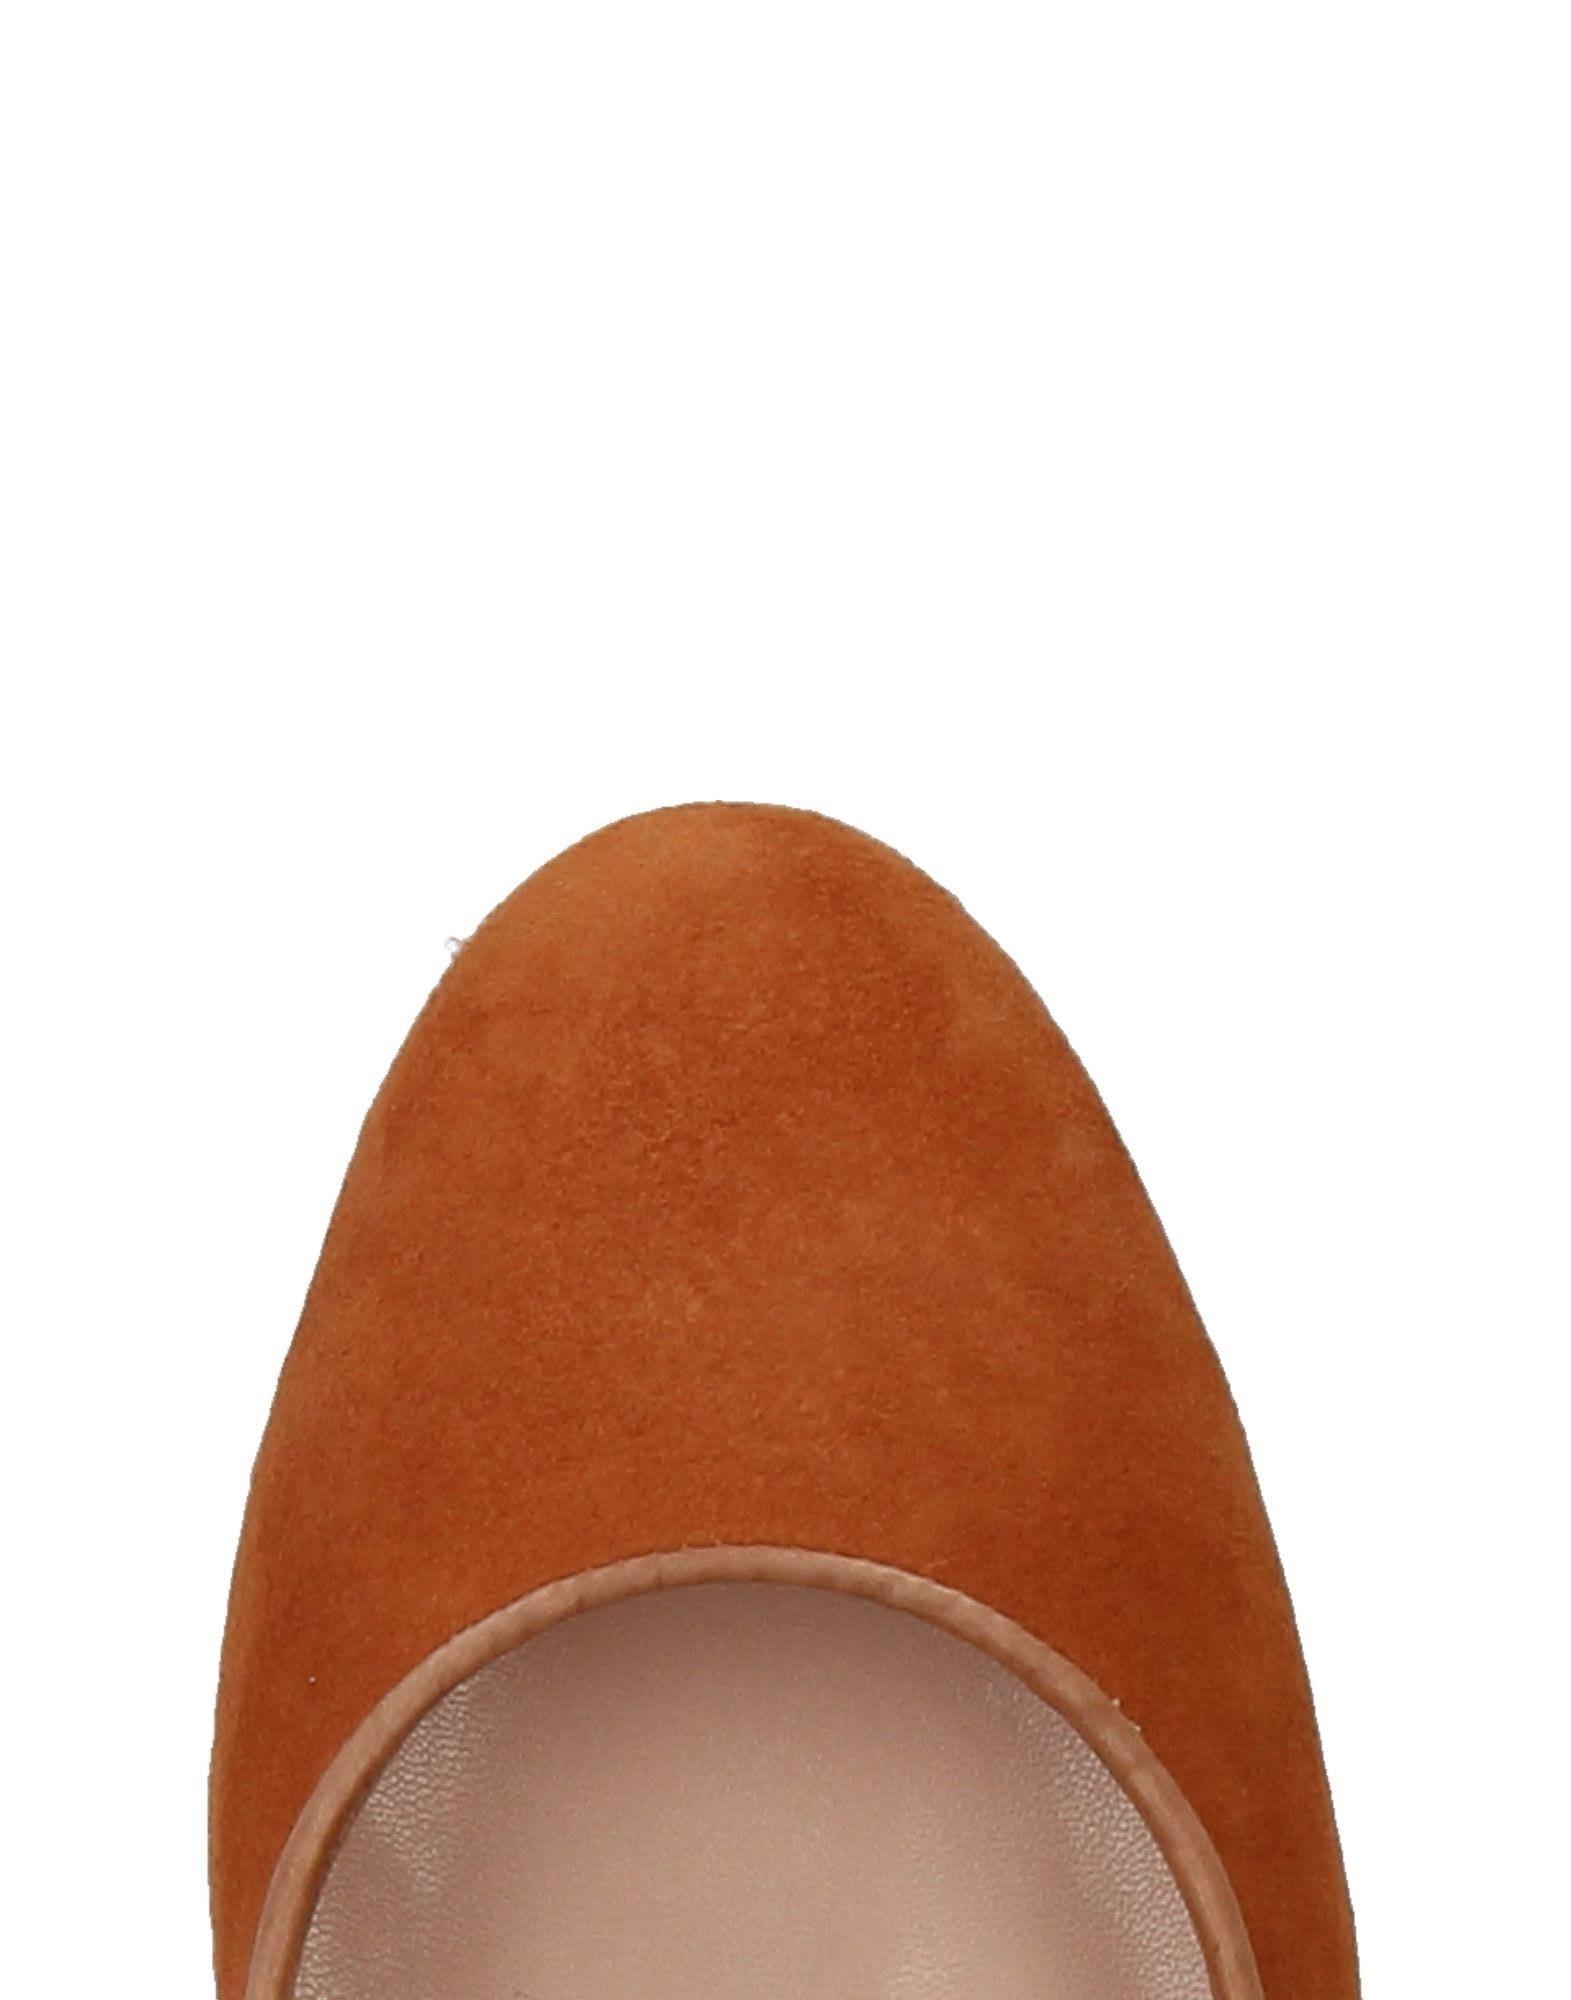 Stilvolle billige Pumps Schuhe F.Lli Bruglia Pumps billige Damen  11408646NF 699924